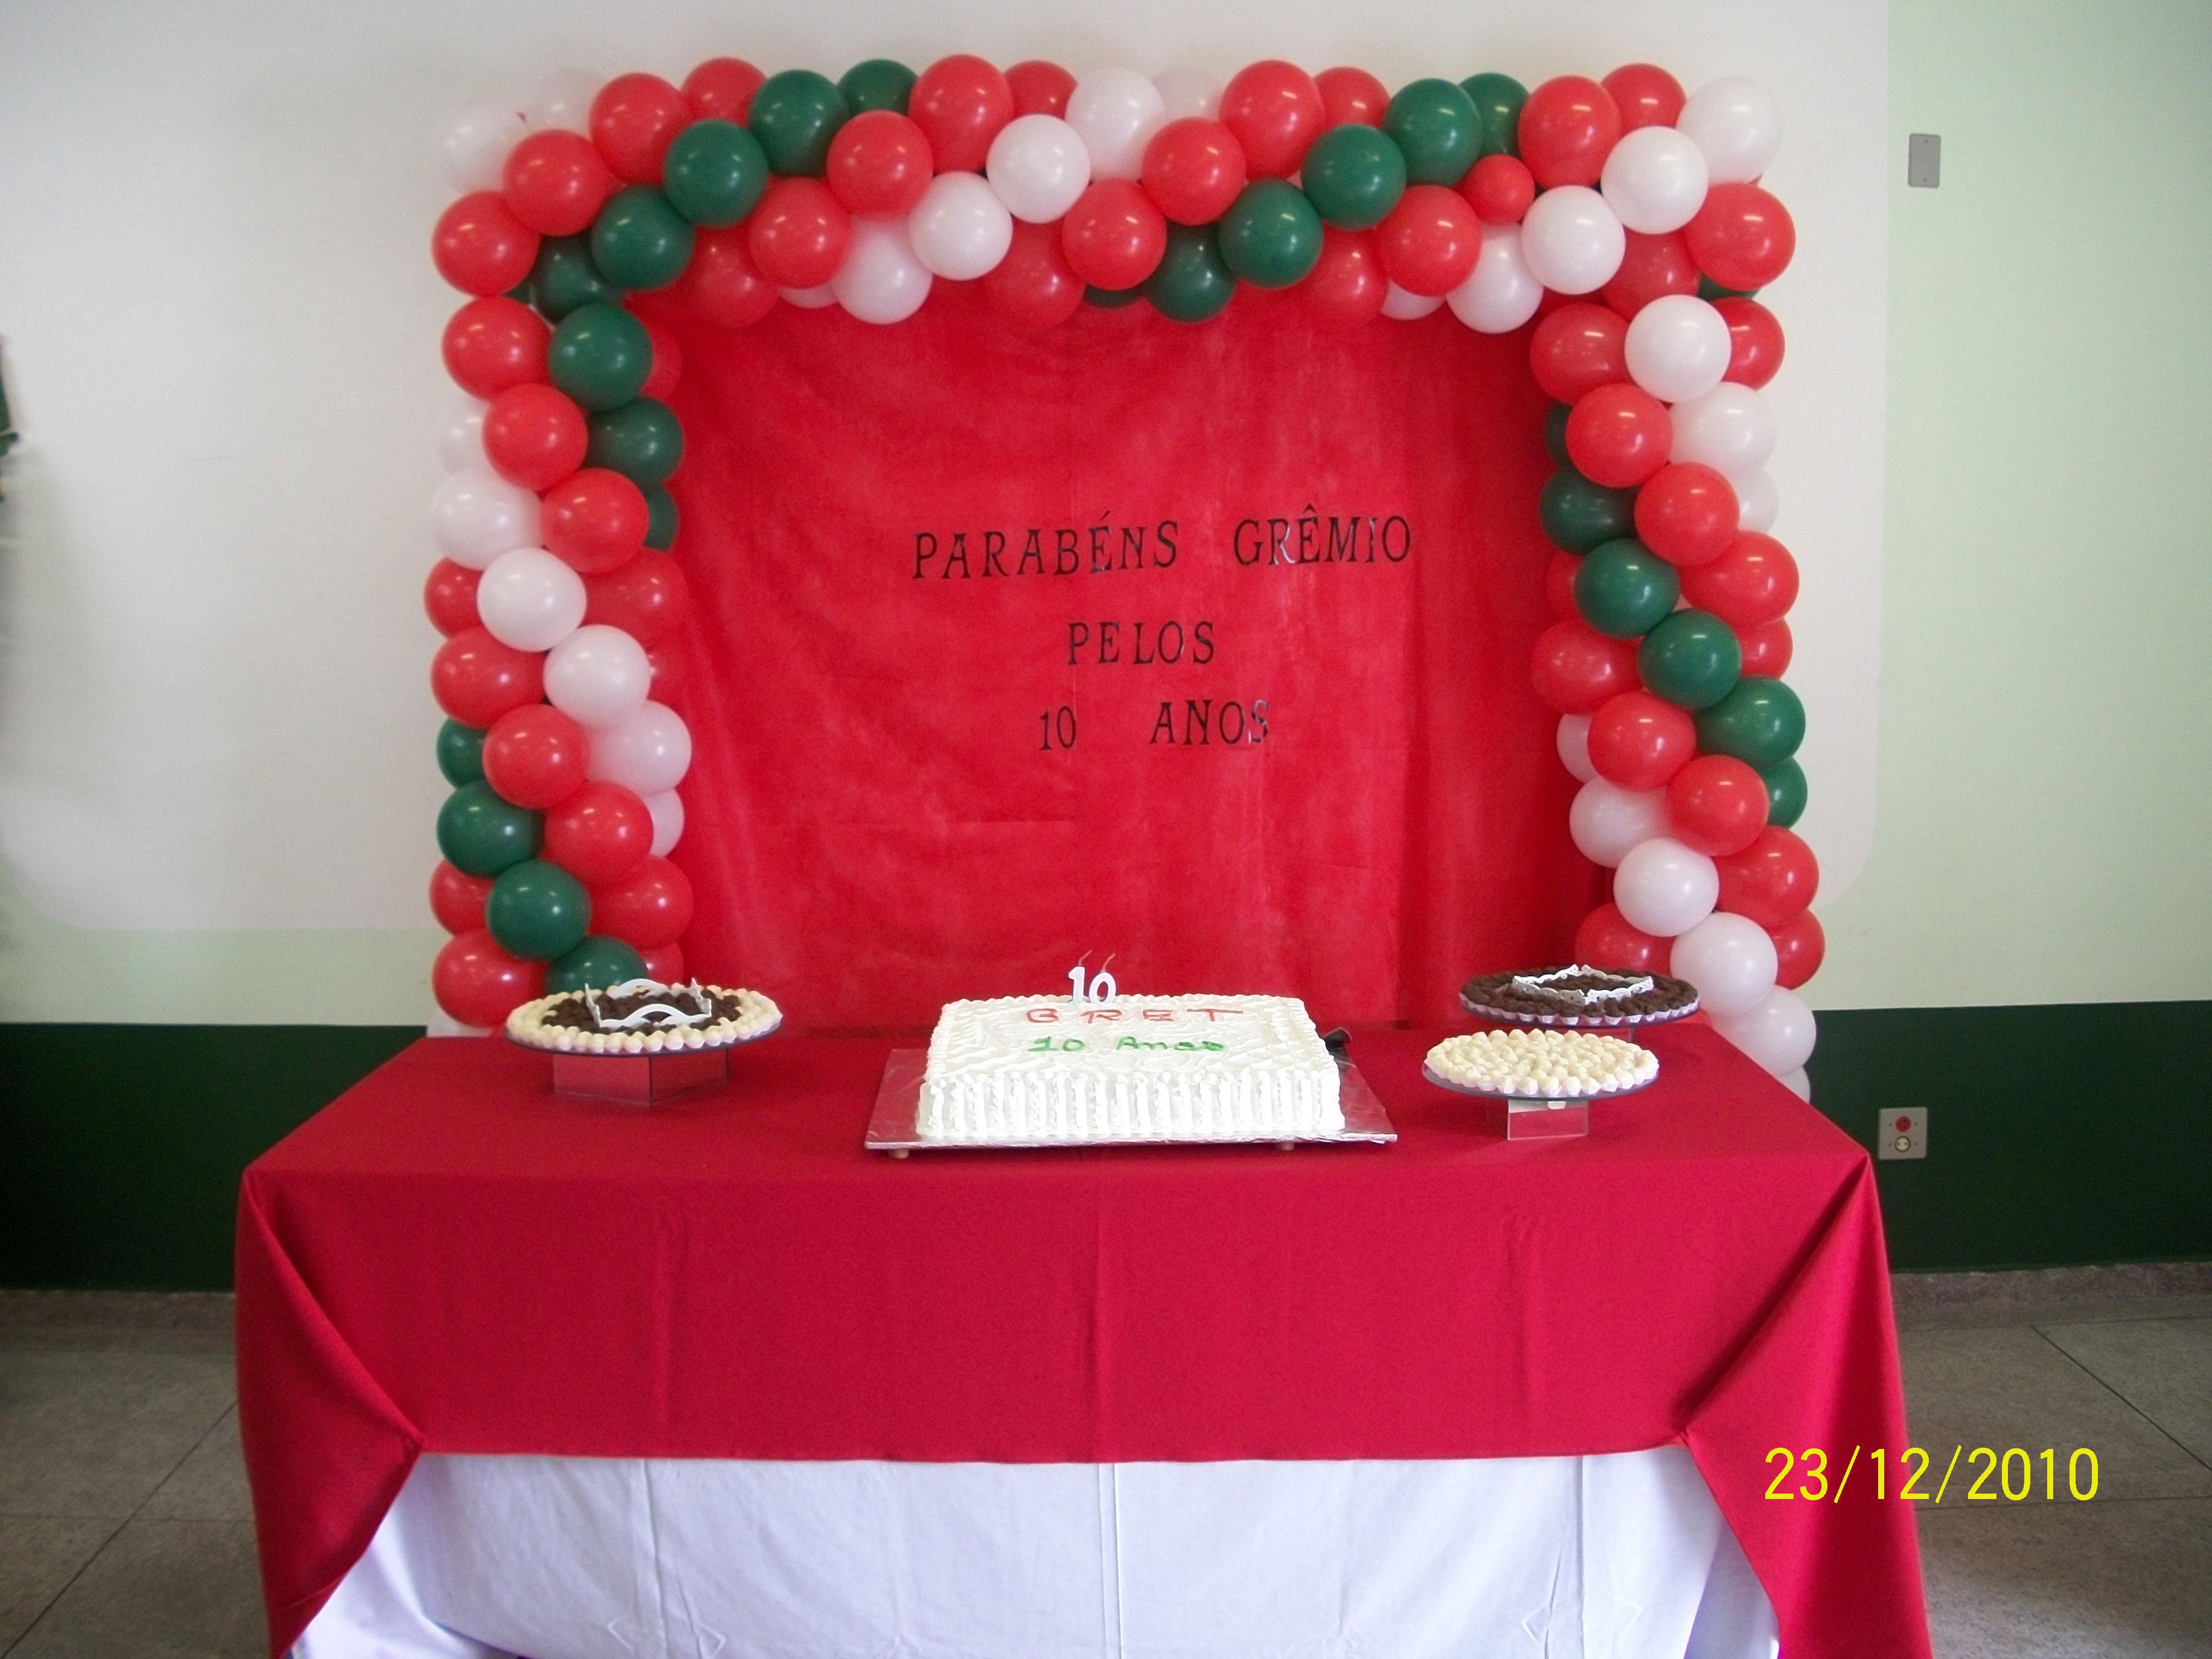 Festa de aniversário da empresa